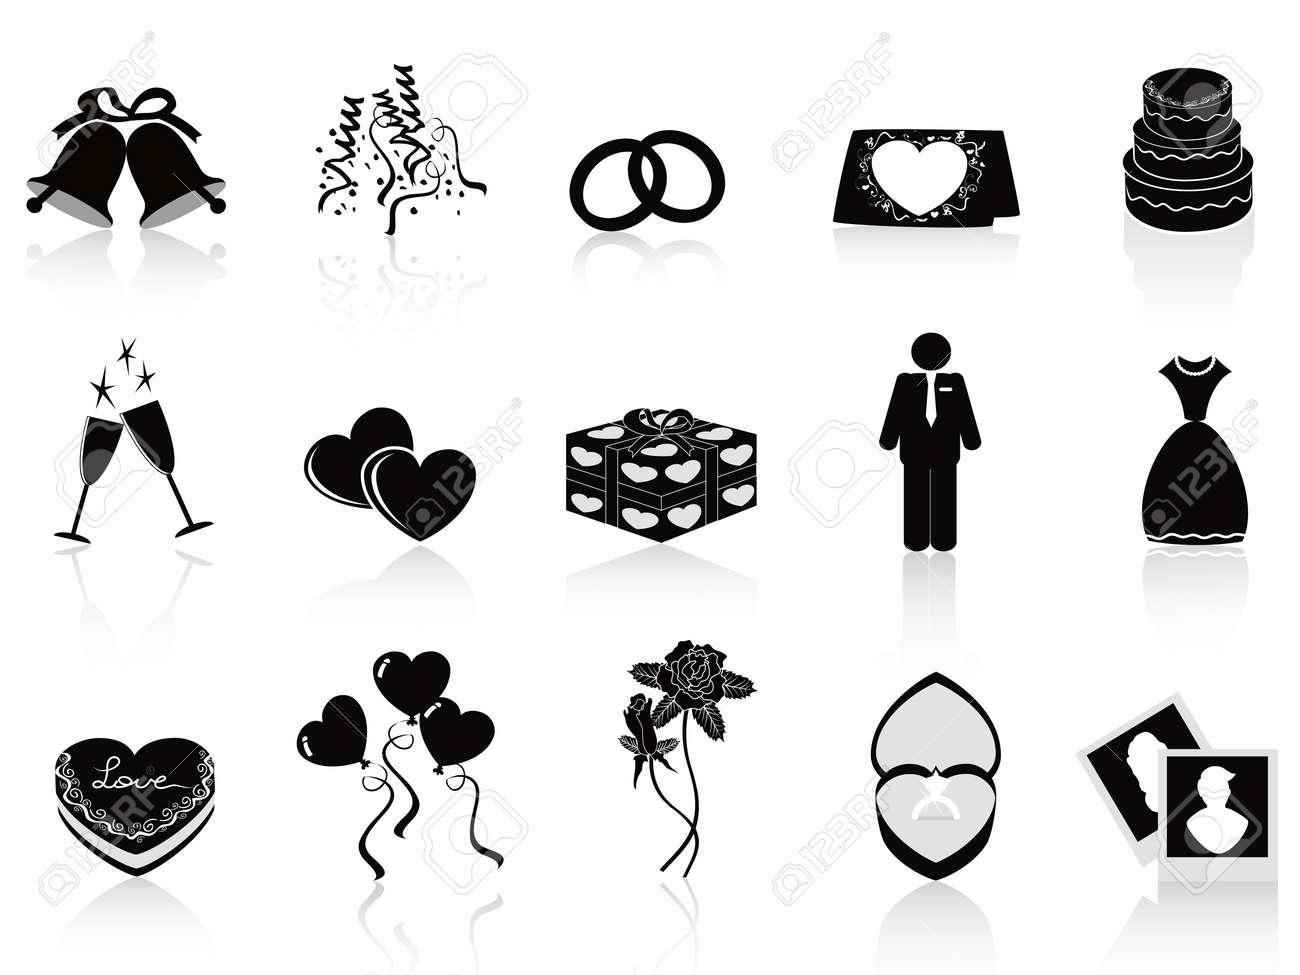 Schwarze Hochzeit Symbole Fur Hochzeit Design Gesetzt Lizenzfrei